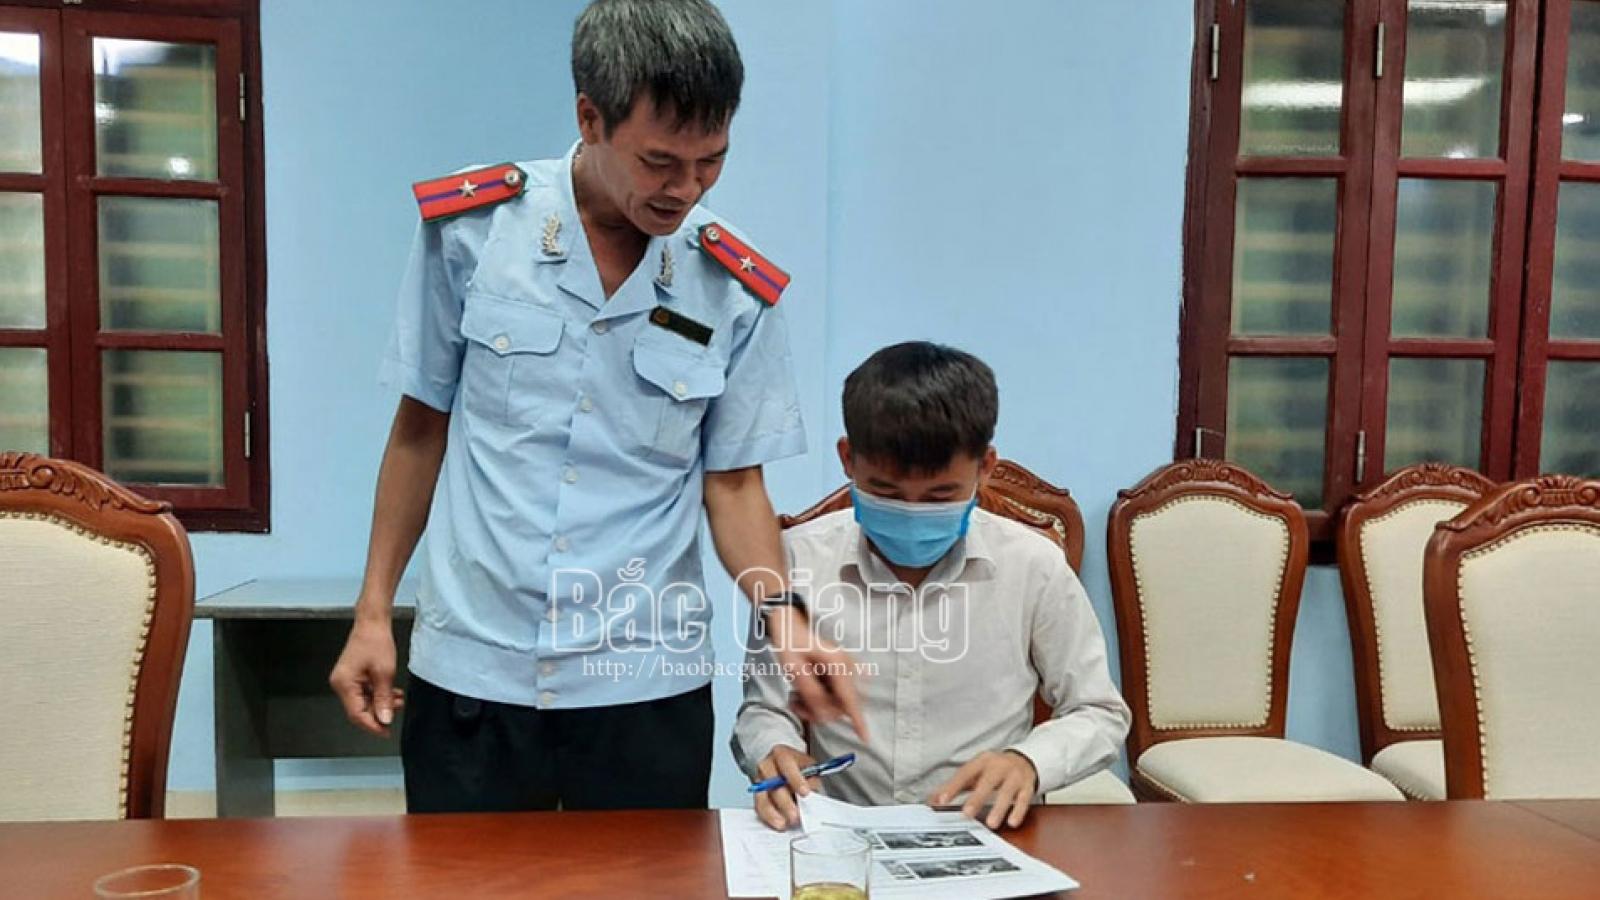 Đăng clip trộm tiền heo đất của em gái, Hưng Vlog bị phạt 10 triệu đồng